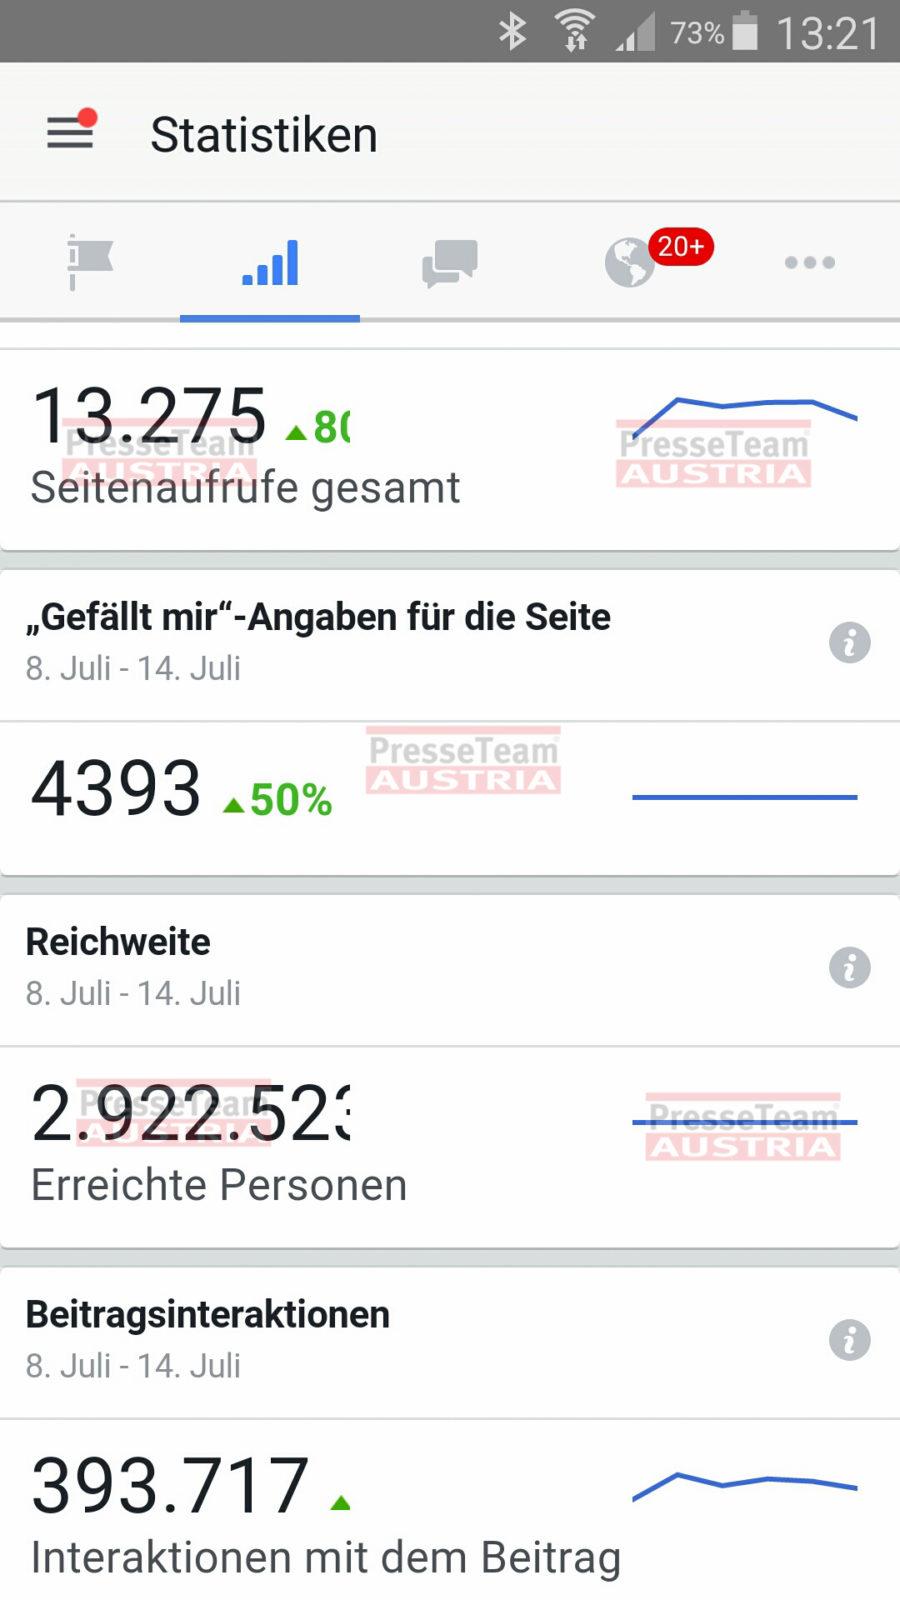 Facebook Marketing Schulung 48 - 10.730.101 Reichweite mit Facebook-Marketing: Der sichere Weg zu Ihrer Zielgruppe!